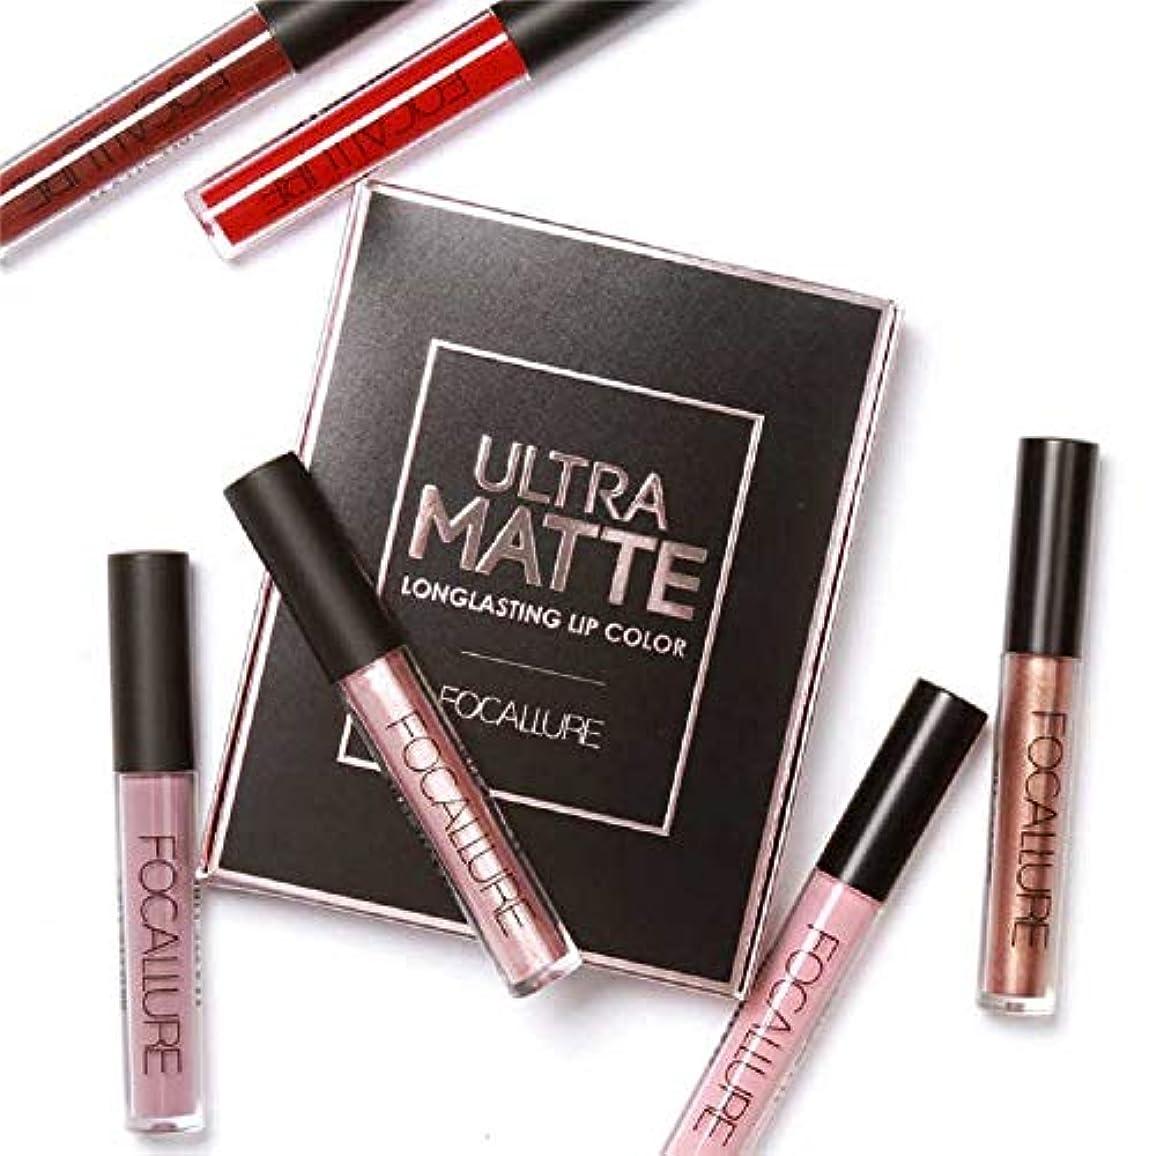 グリース先住民ビリー3Pcs/Set Long-lasting Lip Colors Makeup Waterproof Tint Lip Gloss Red Velvet Ultra Nude Matte Lipstick Set リップカラーメーキャップ...